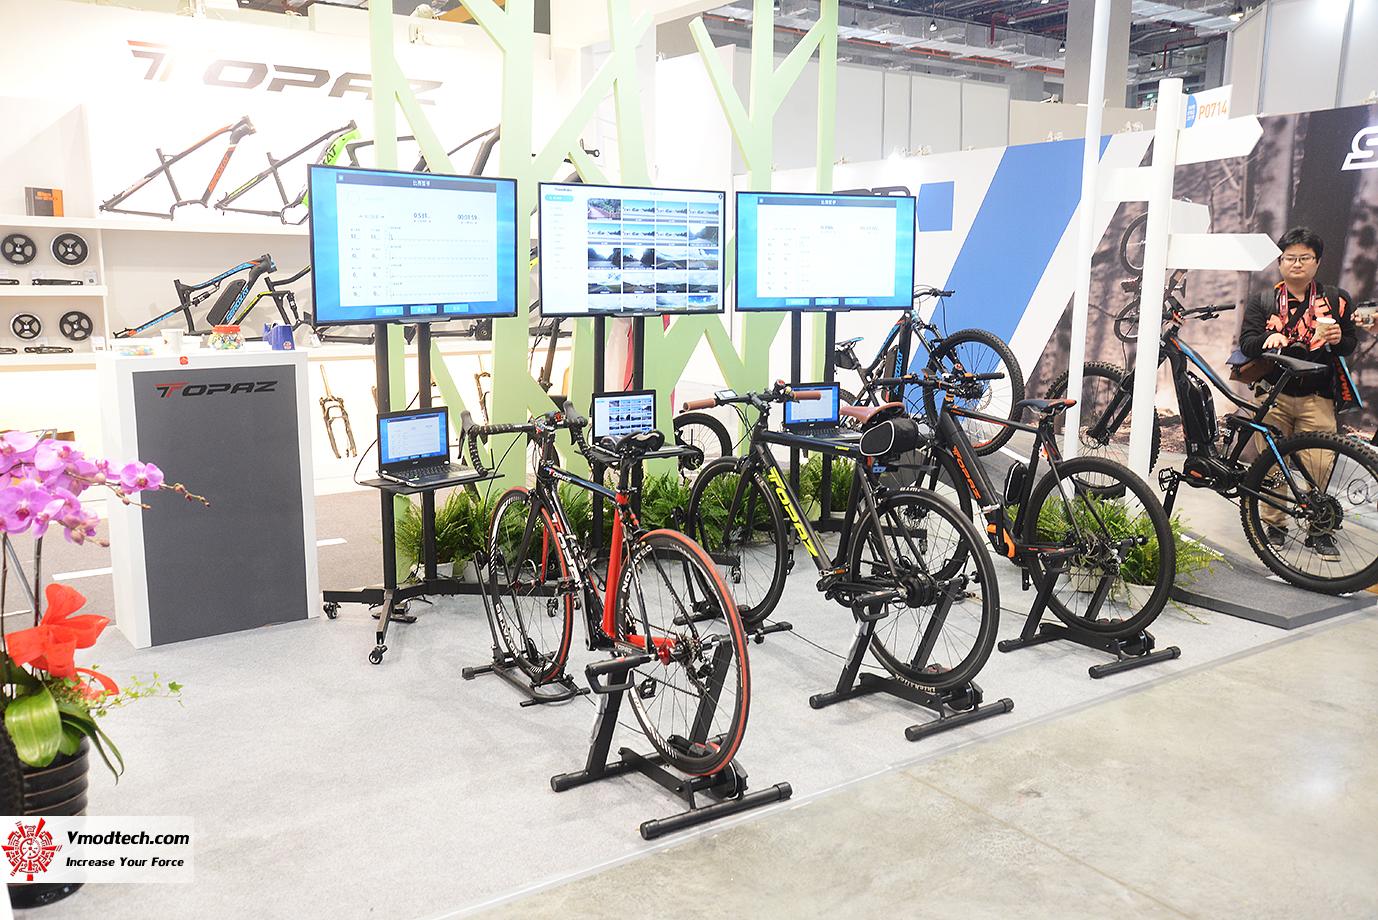 dsc 9236 เยี่ยมชมงาน TAIPEI CYCLE 2019 งานของคนรักจักรยาน ณ กรุงไทเป ประเทศไต้หวัน